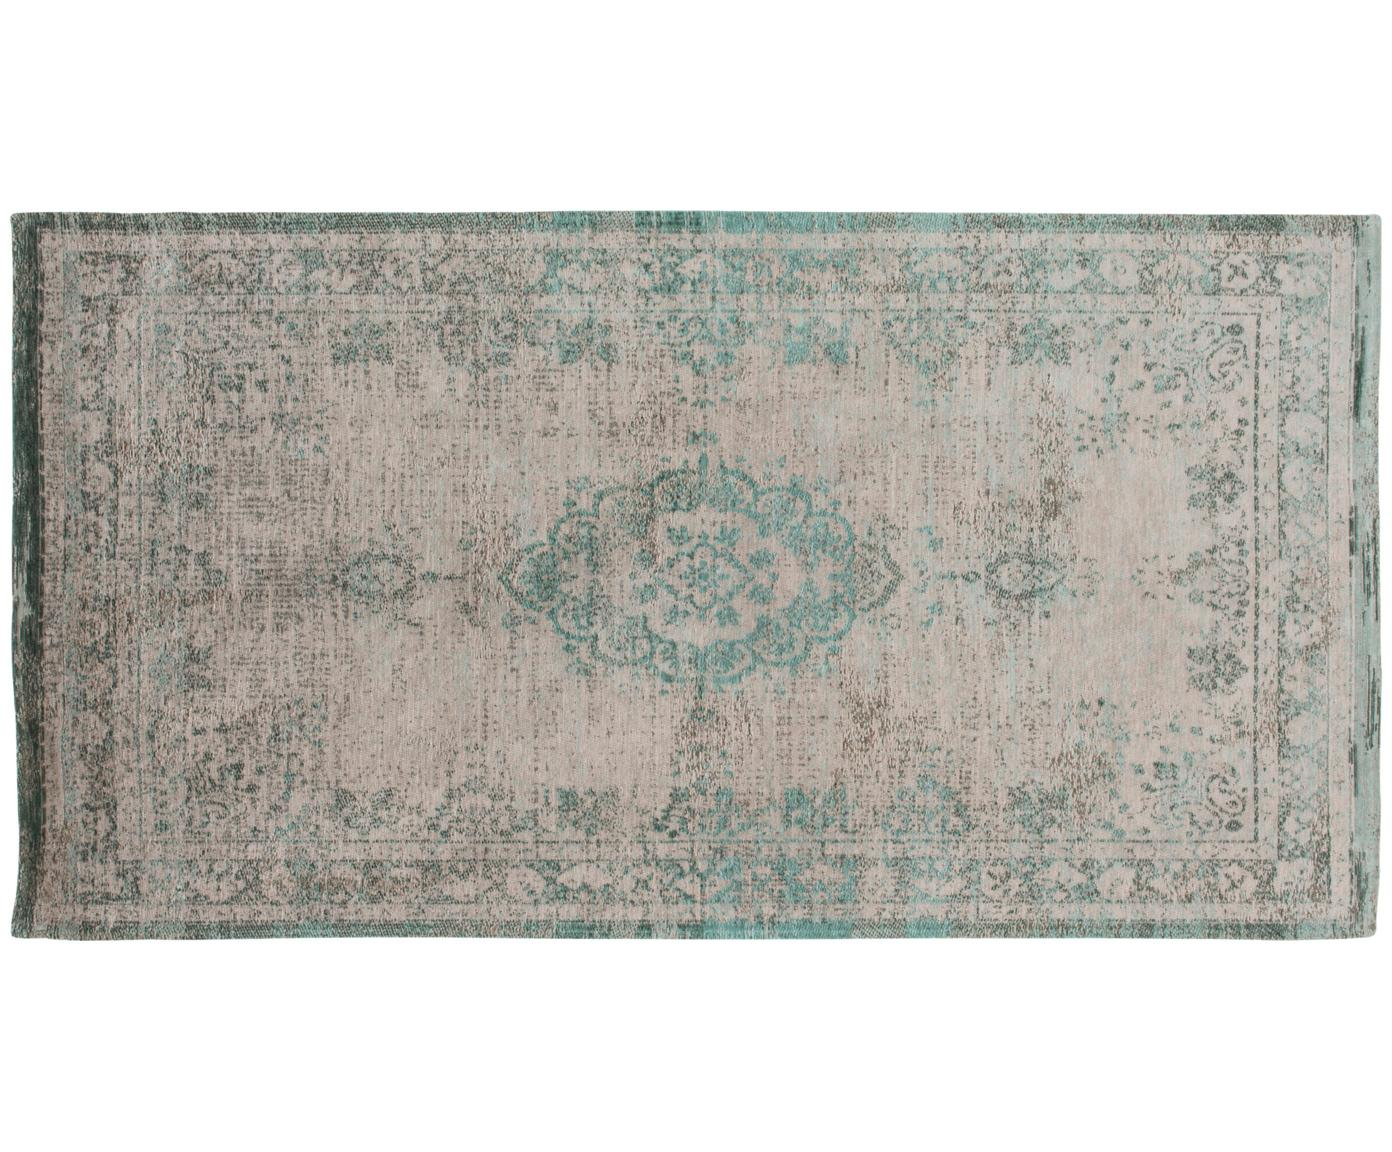 Tappeto vintage in ciniglia Medaillon, Tessuto: Jacquard, Retro: Filato di ciniglia, rives, Verde, rosa, Larg. 80 x Lung. 150 cm (taglia XS)